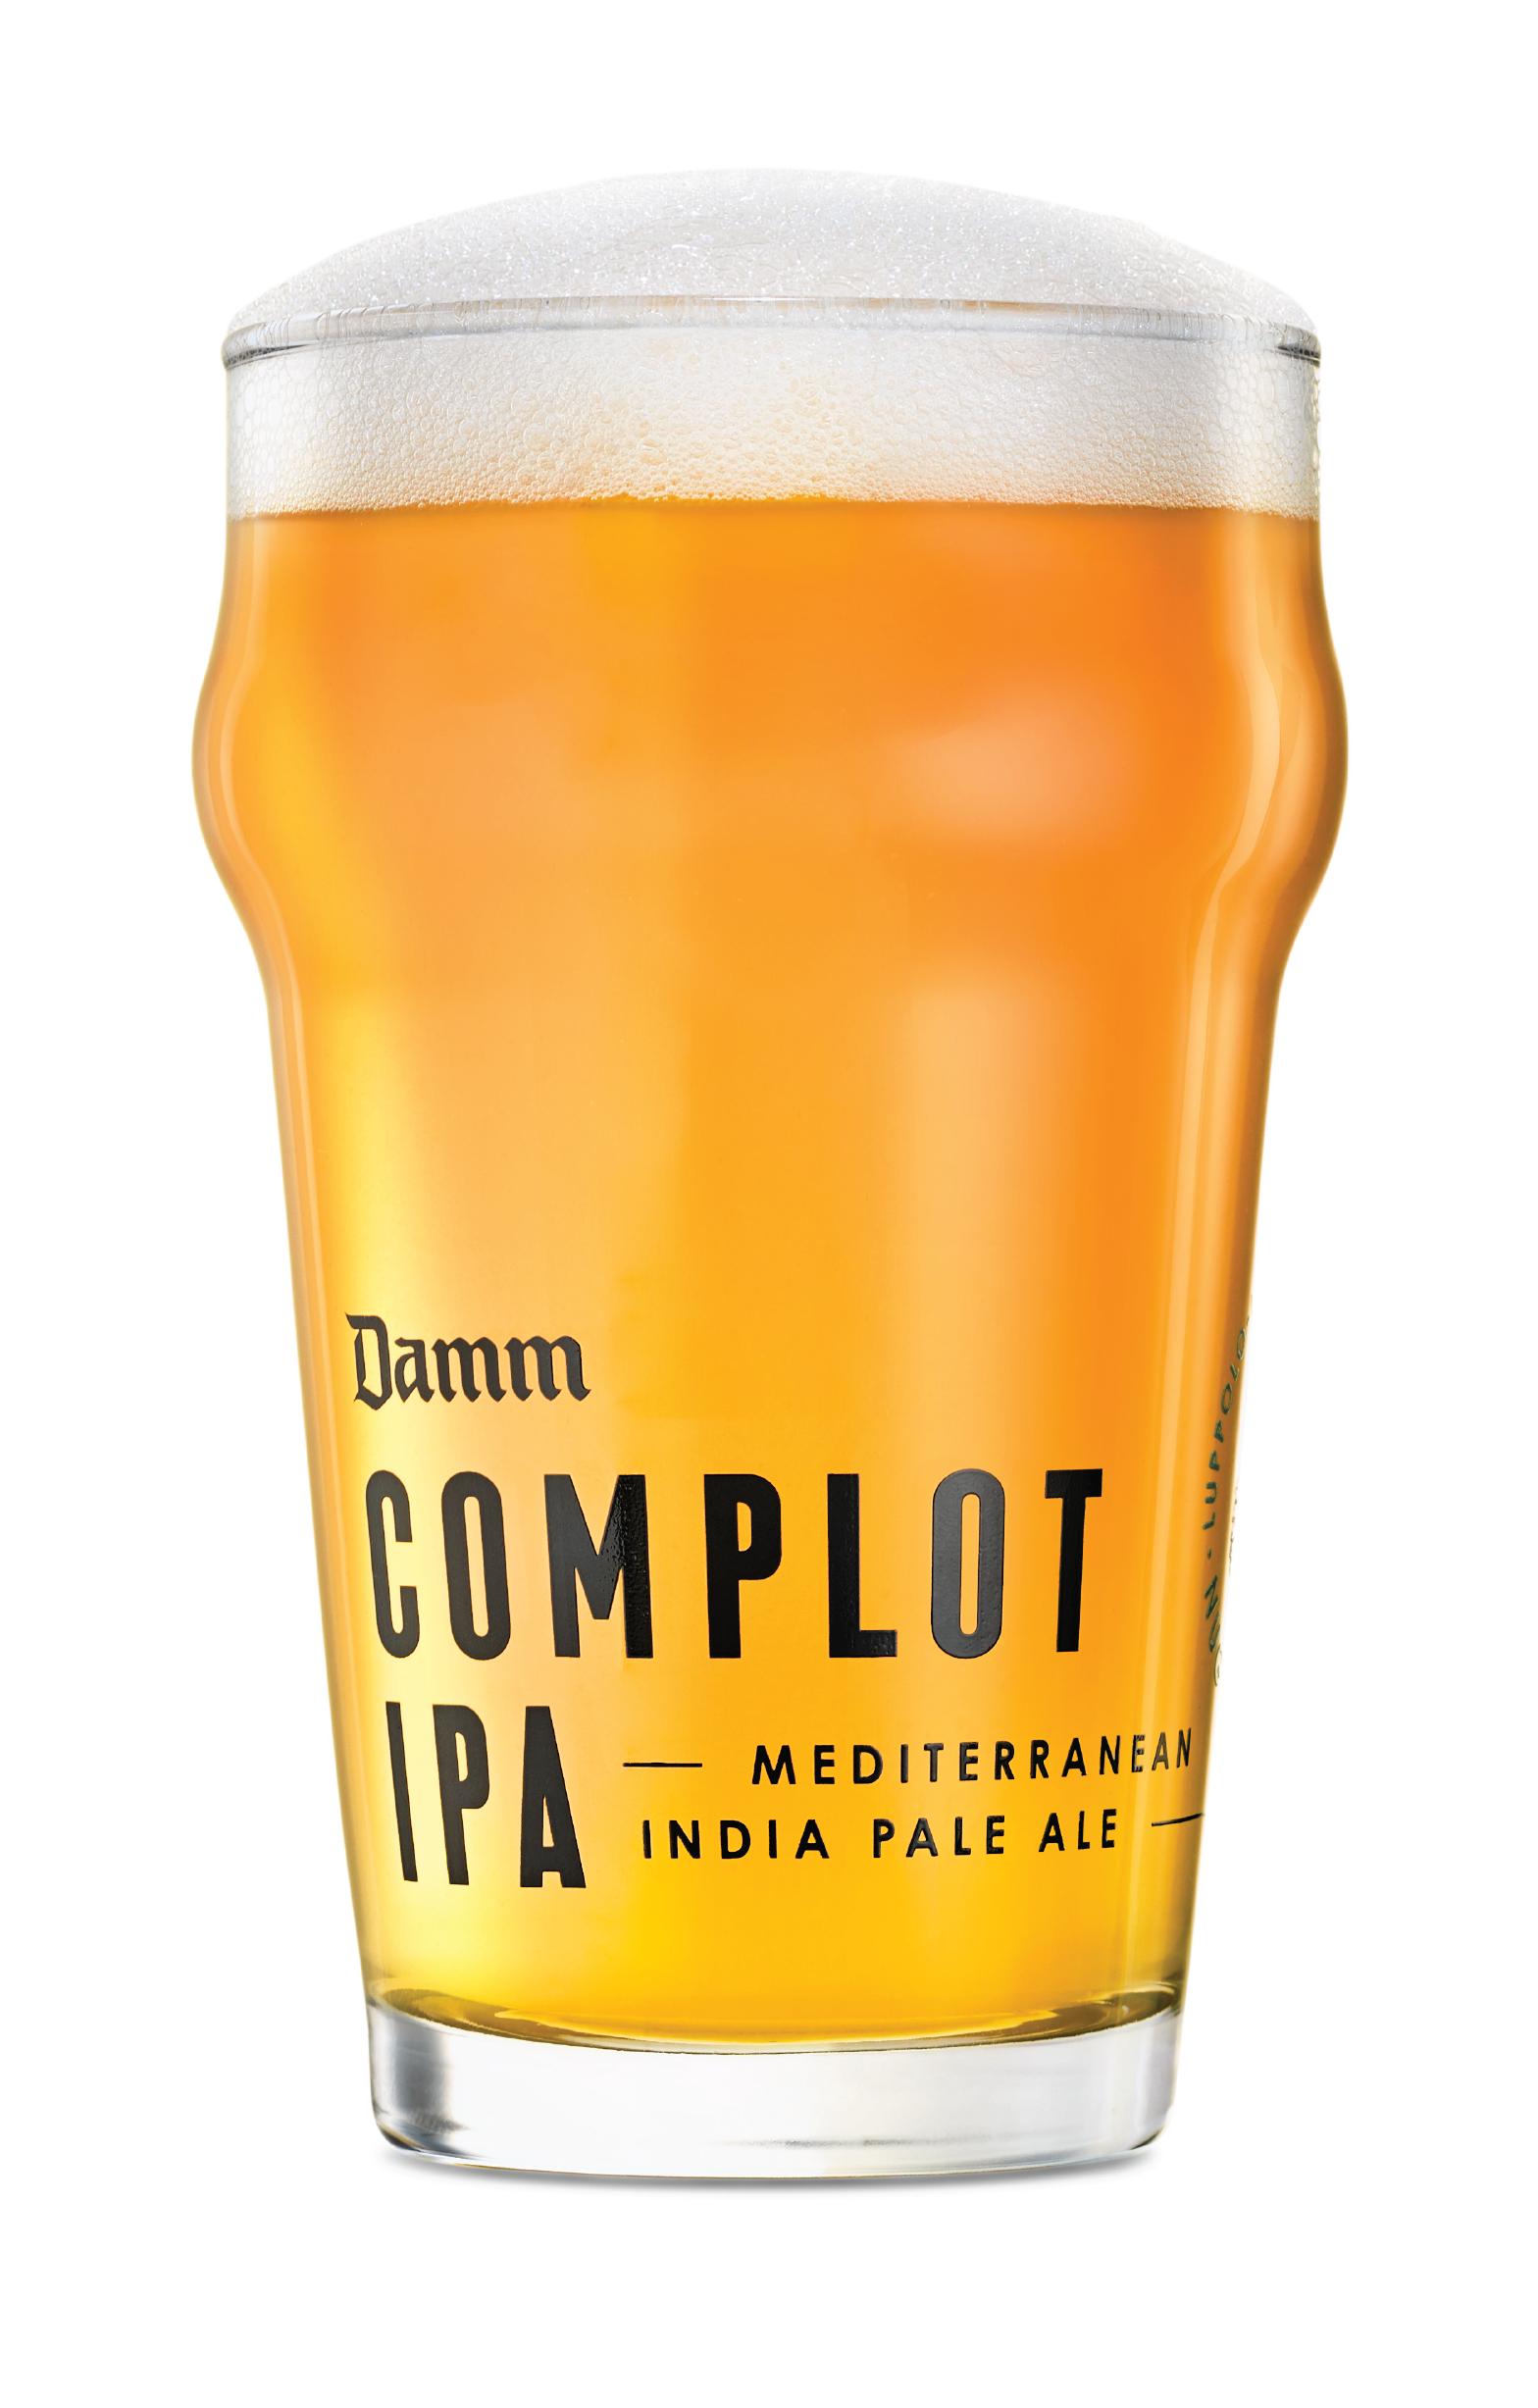 Complot - Our First Mediterranean IPA | Damm